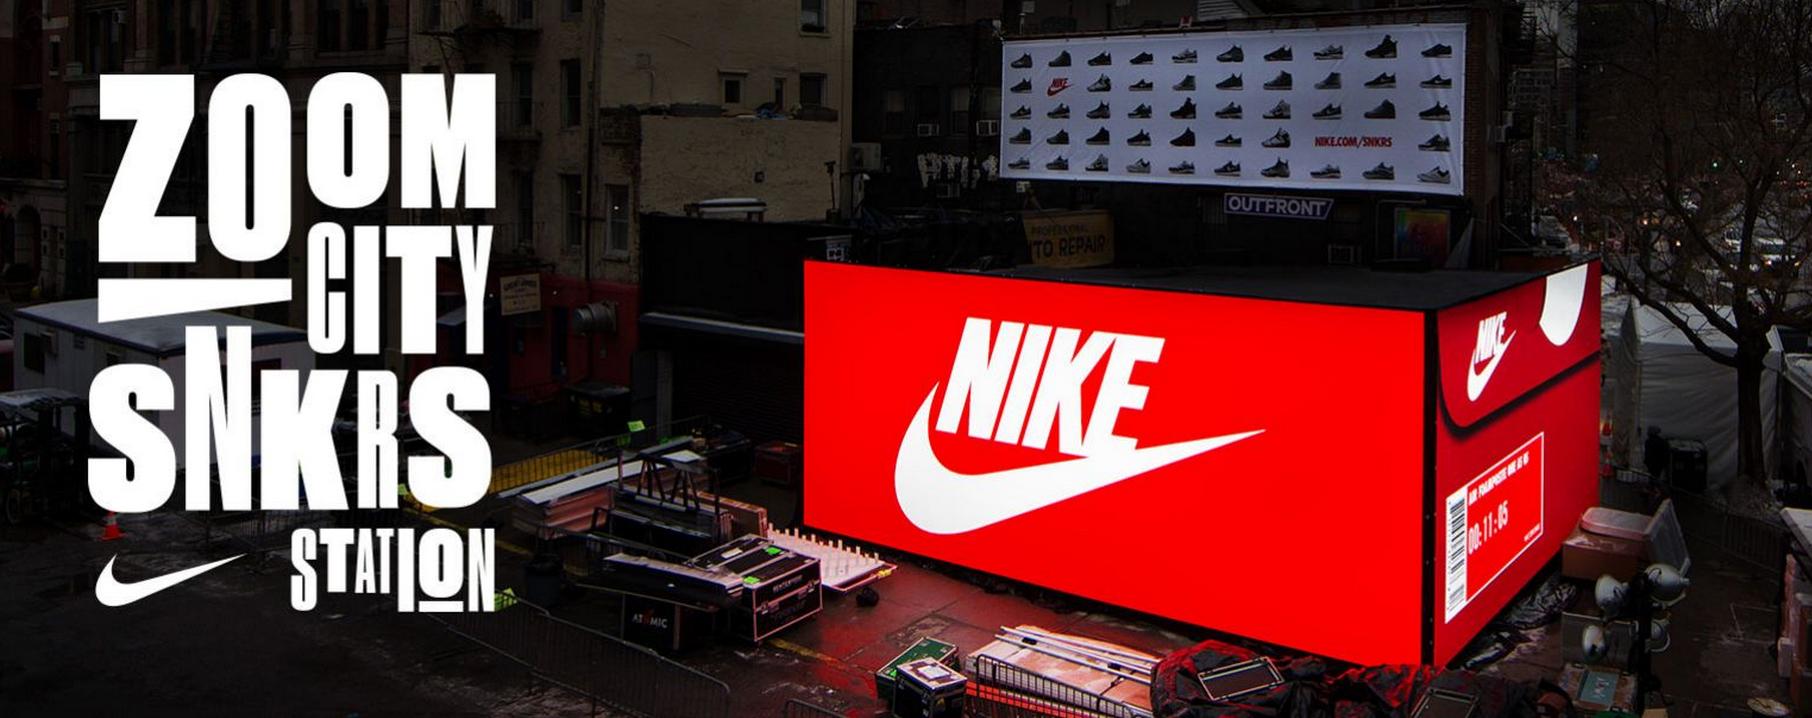 Nike's Hyperlapse On Instagram Gets Hyper Likes – solomozone